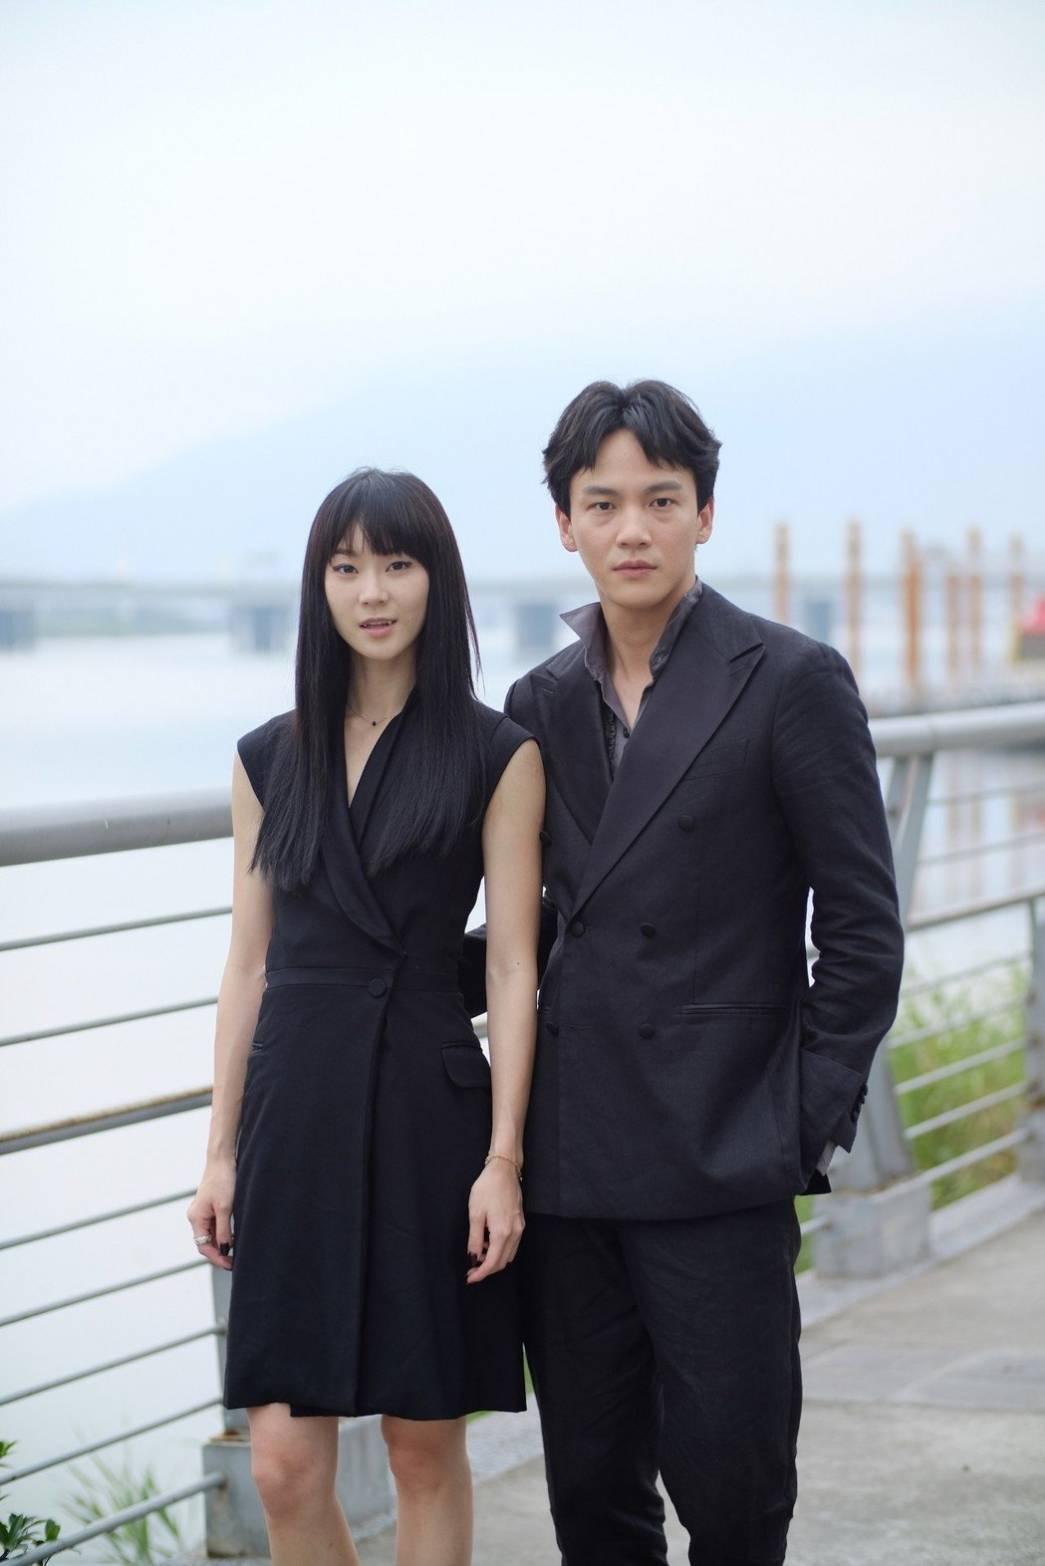 鍾瑶、曹晏豪合作電影假戲真做。圖/光譜映像提供